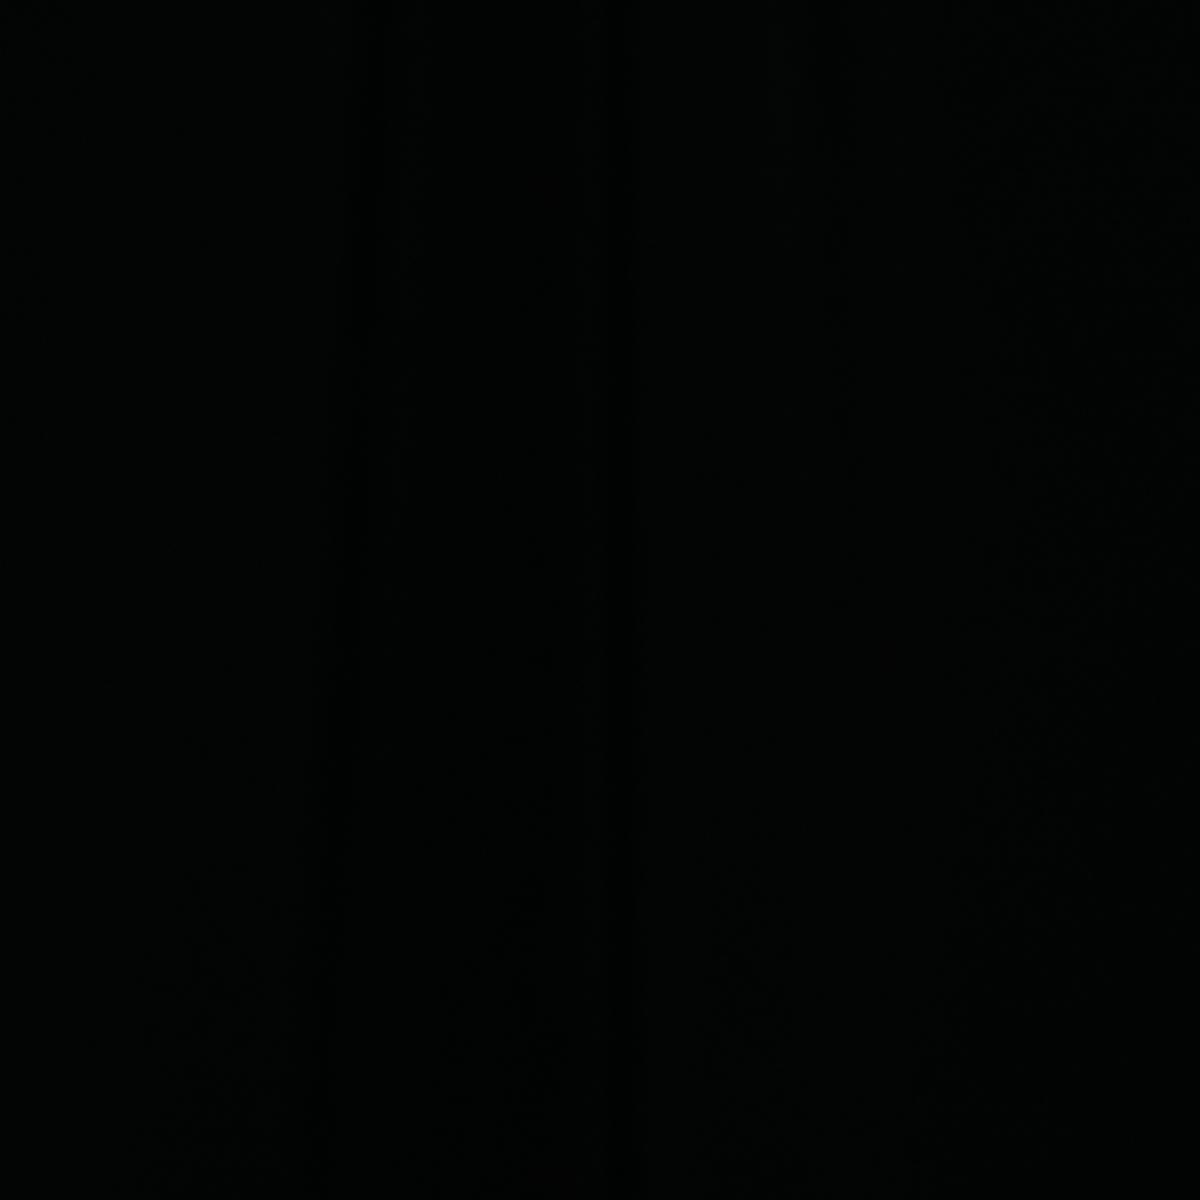 Шёлковый крепдешин чёрного цвета